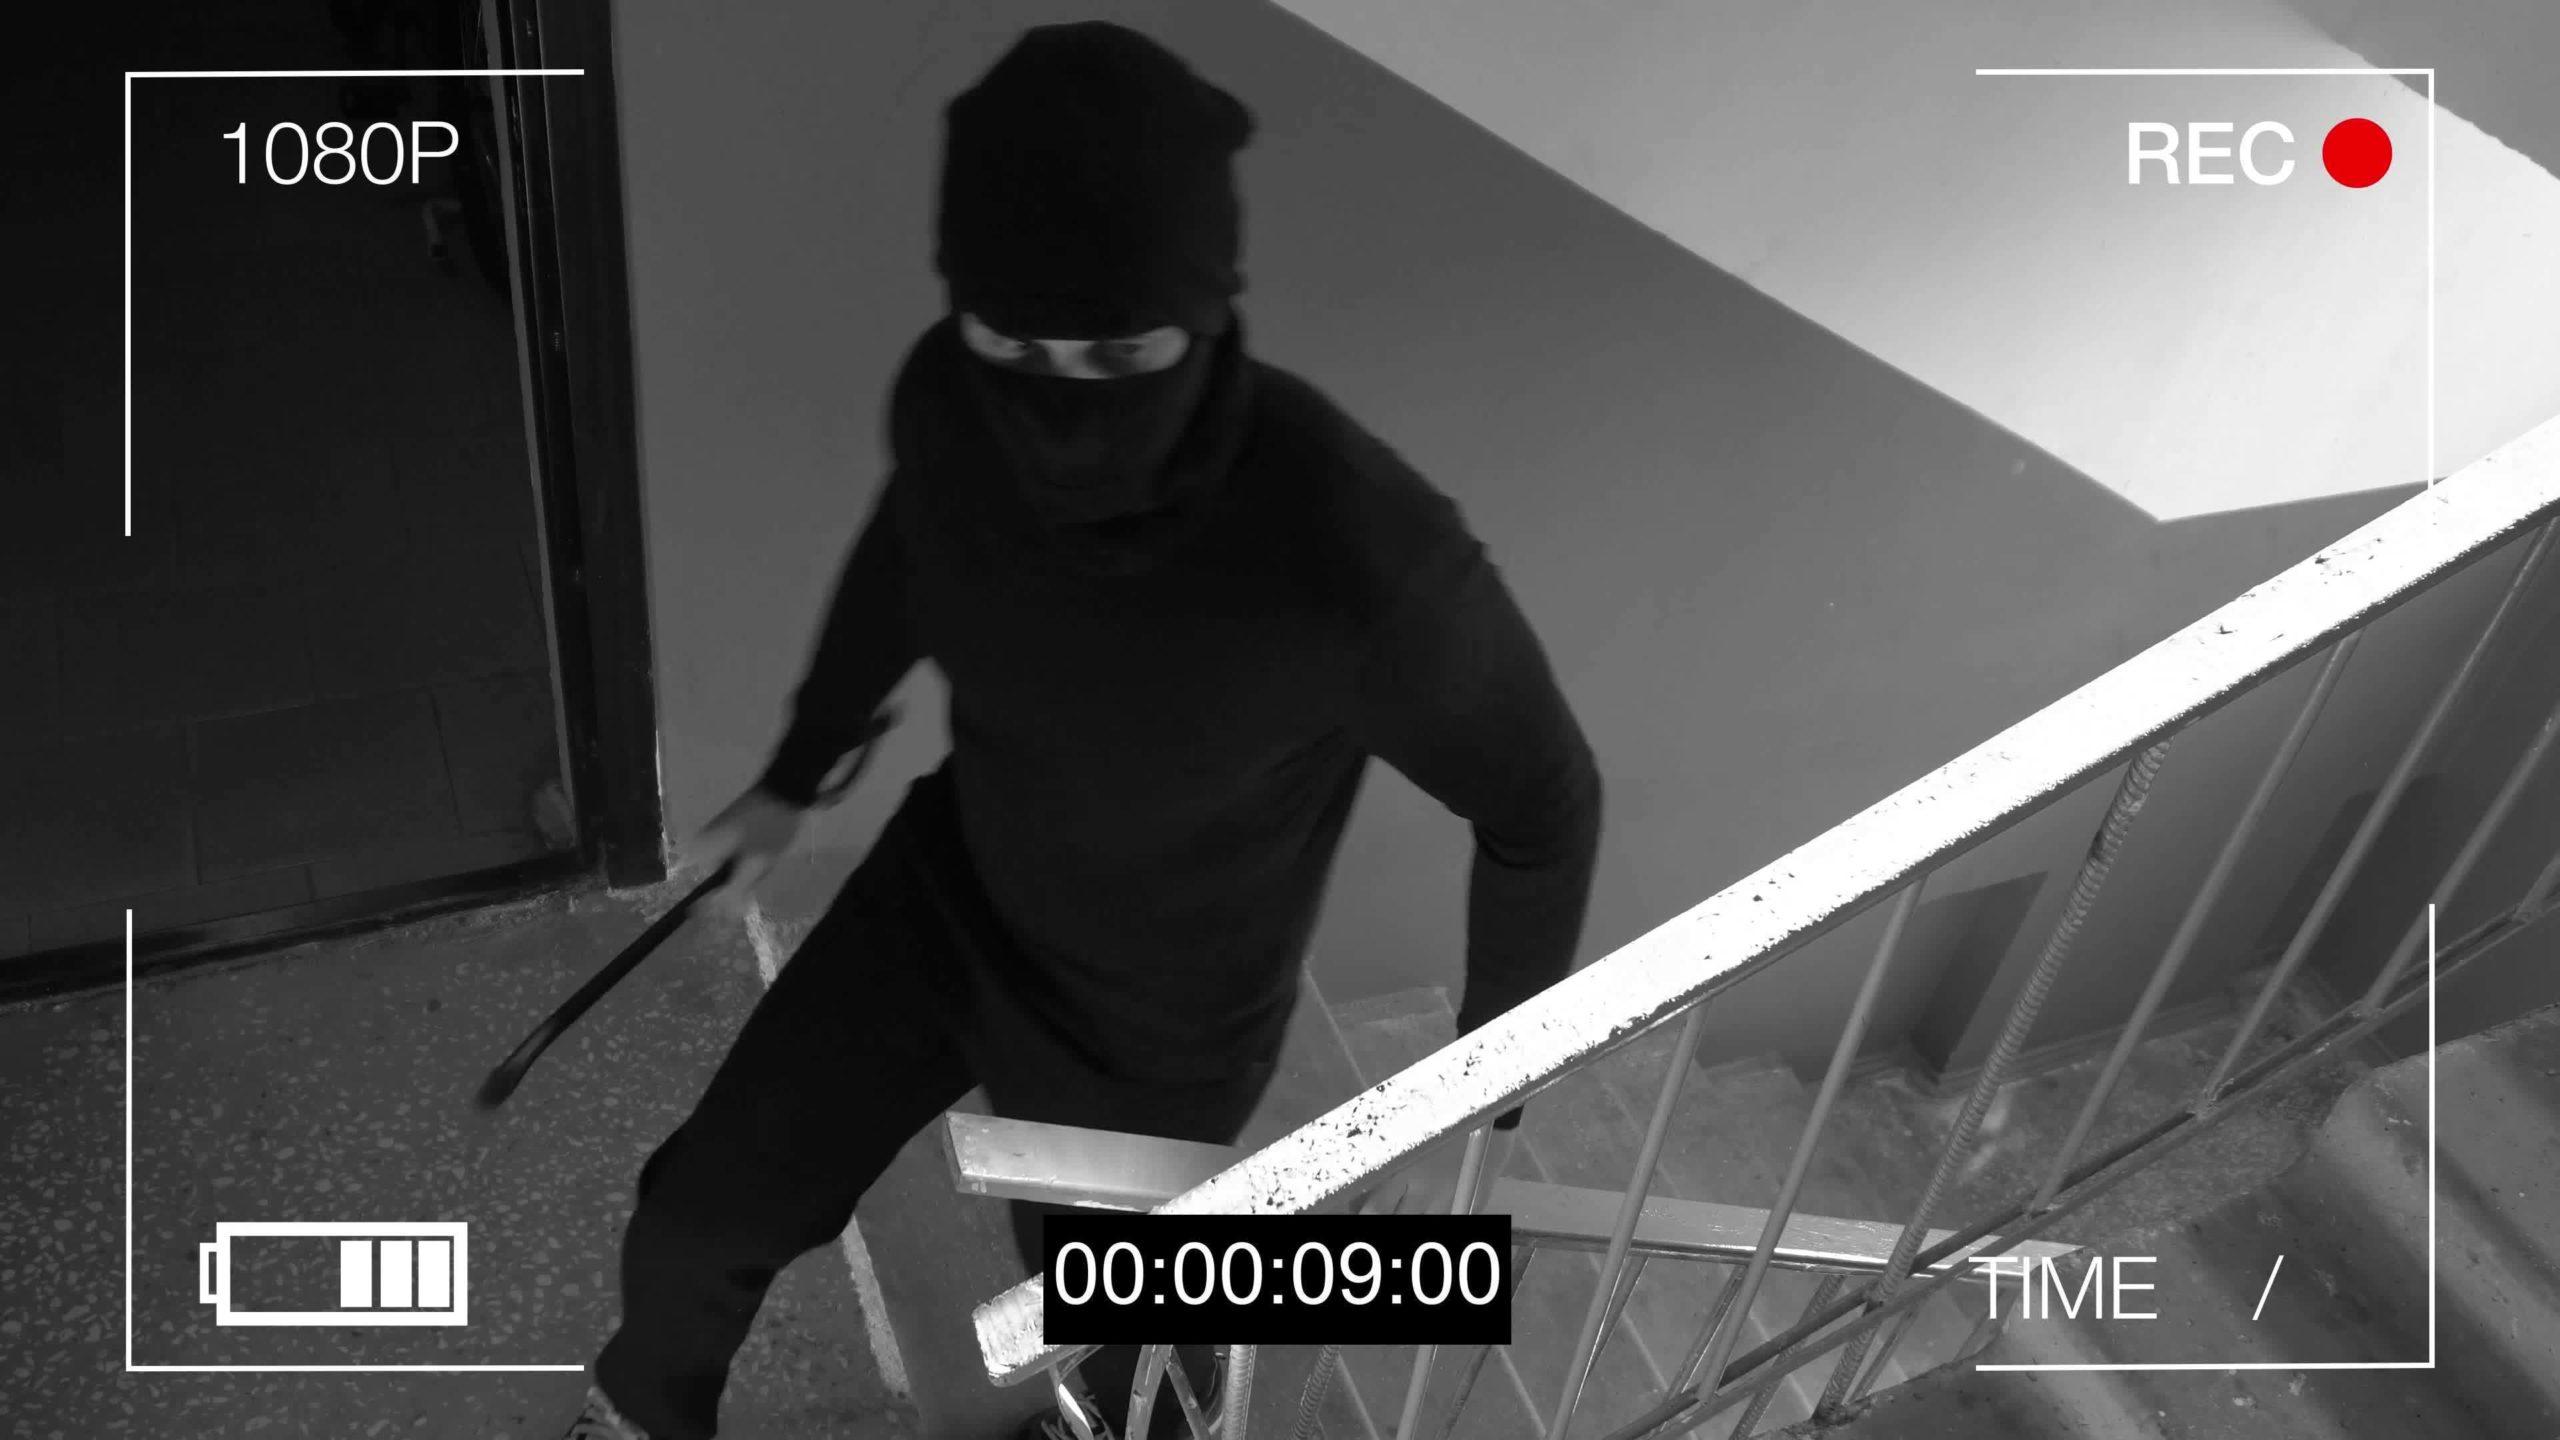 burglar alarm monitoring system